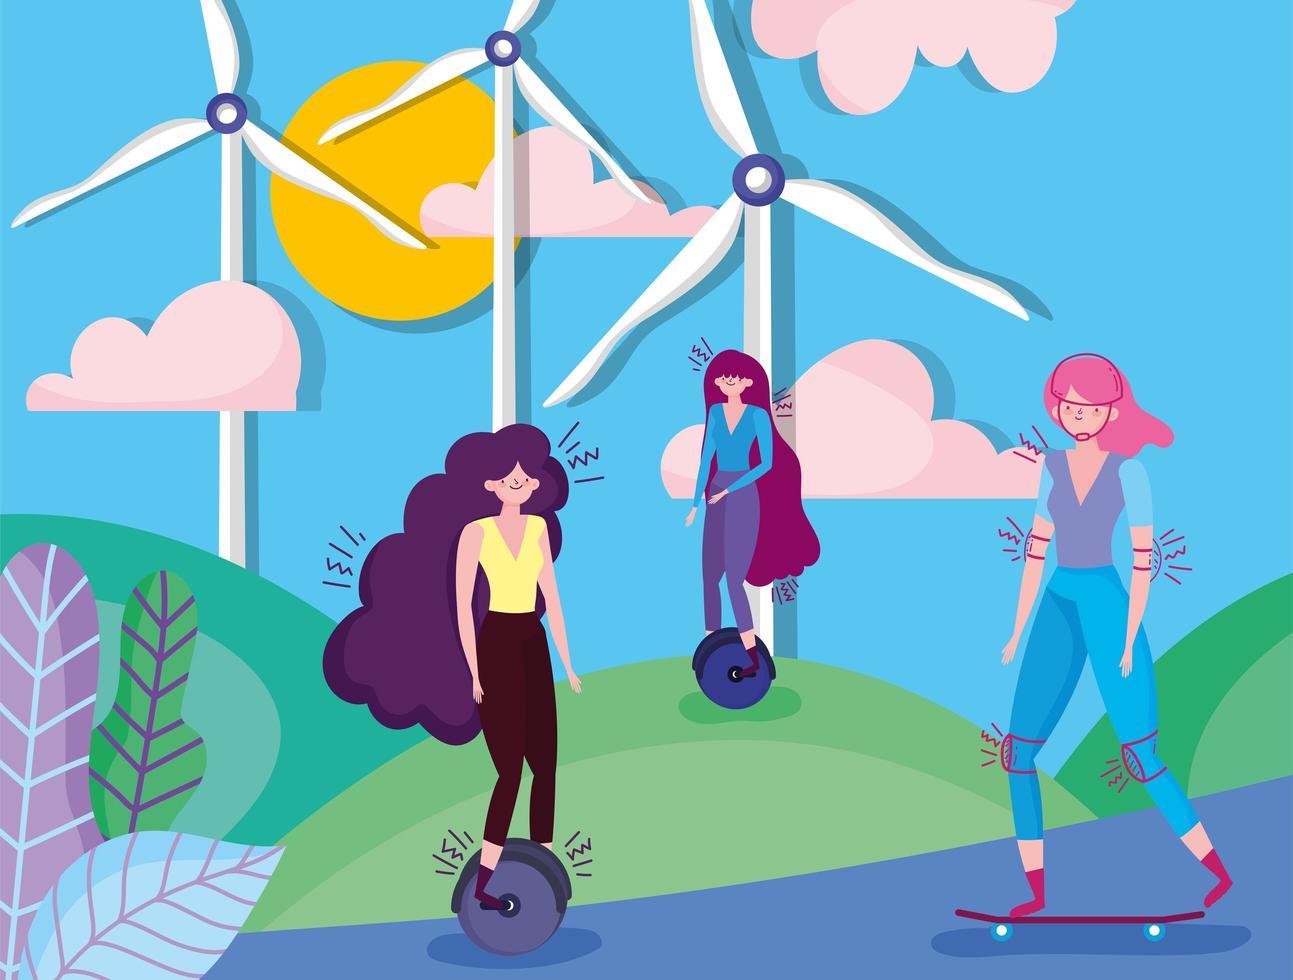 donne che fanno attività all'aperto in una città eco vettore